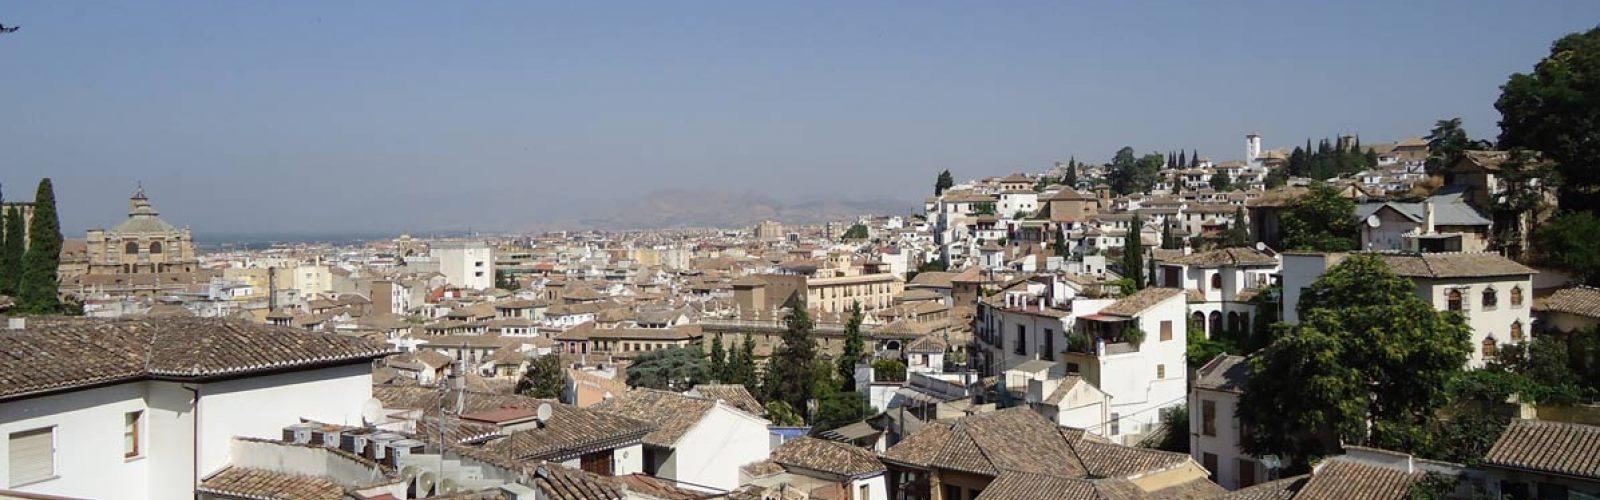 Alquiler apartamentos tur sticos alhambra apartamentos turisticos mauror - Apartamentos turisticos alhambra ...